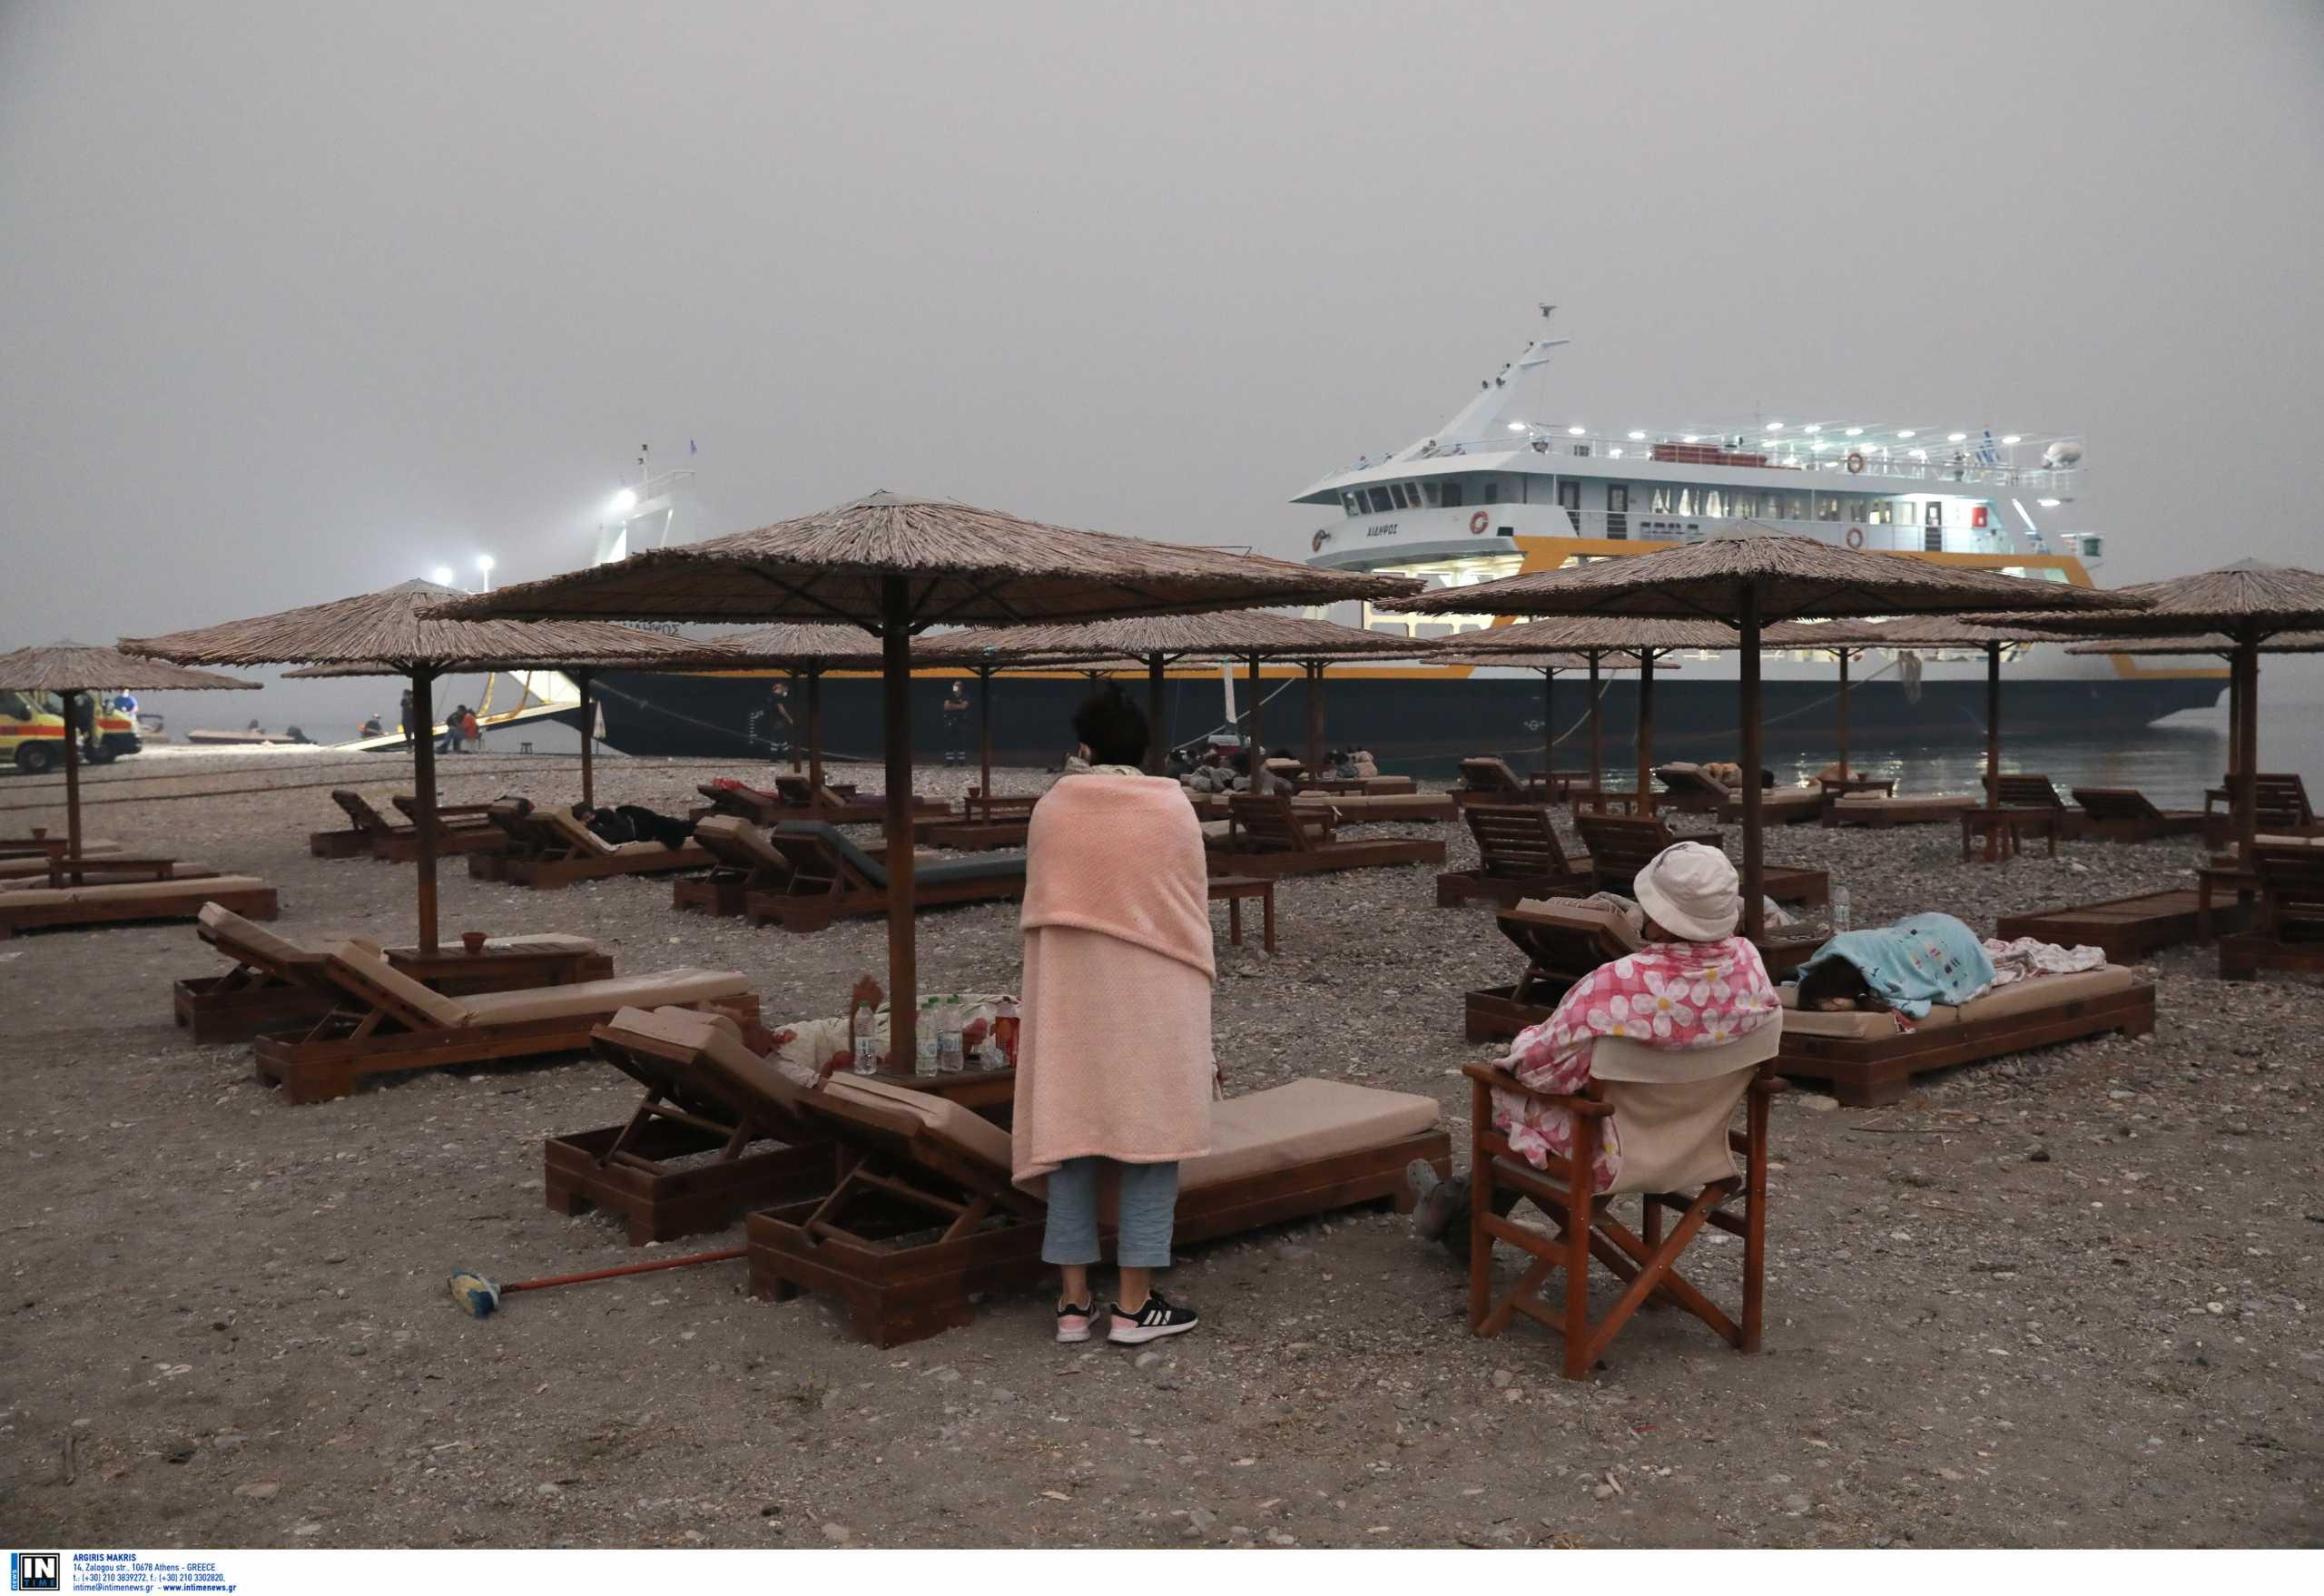 Η Περιφέρεια Αττικής προσφέρει από αύριο 2.000 γεύματα σε πυρόπληκτους